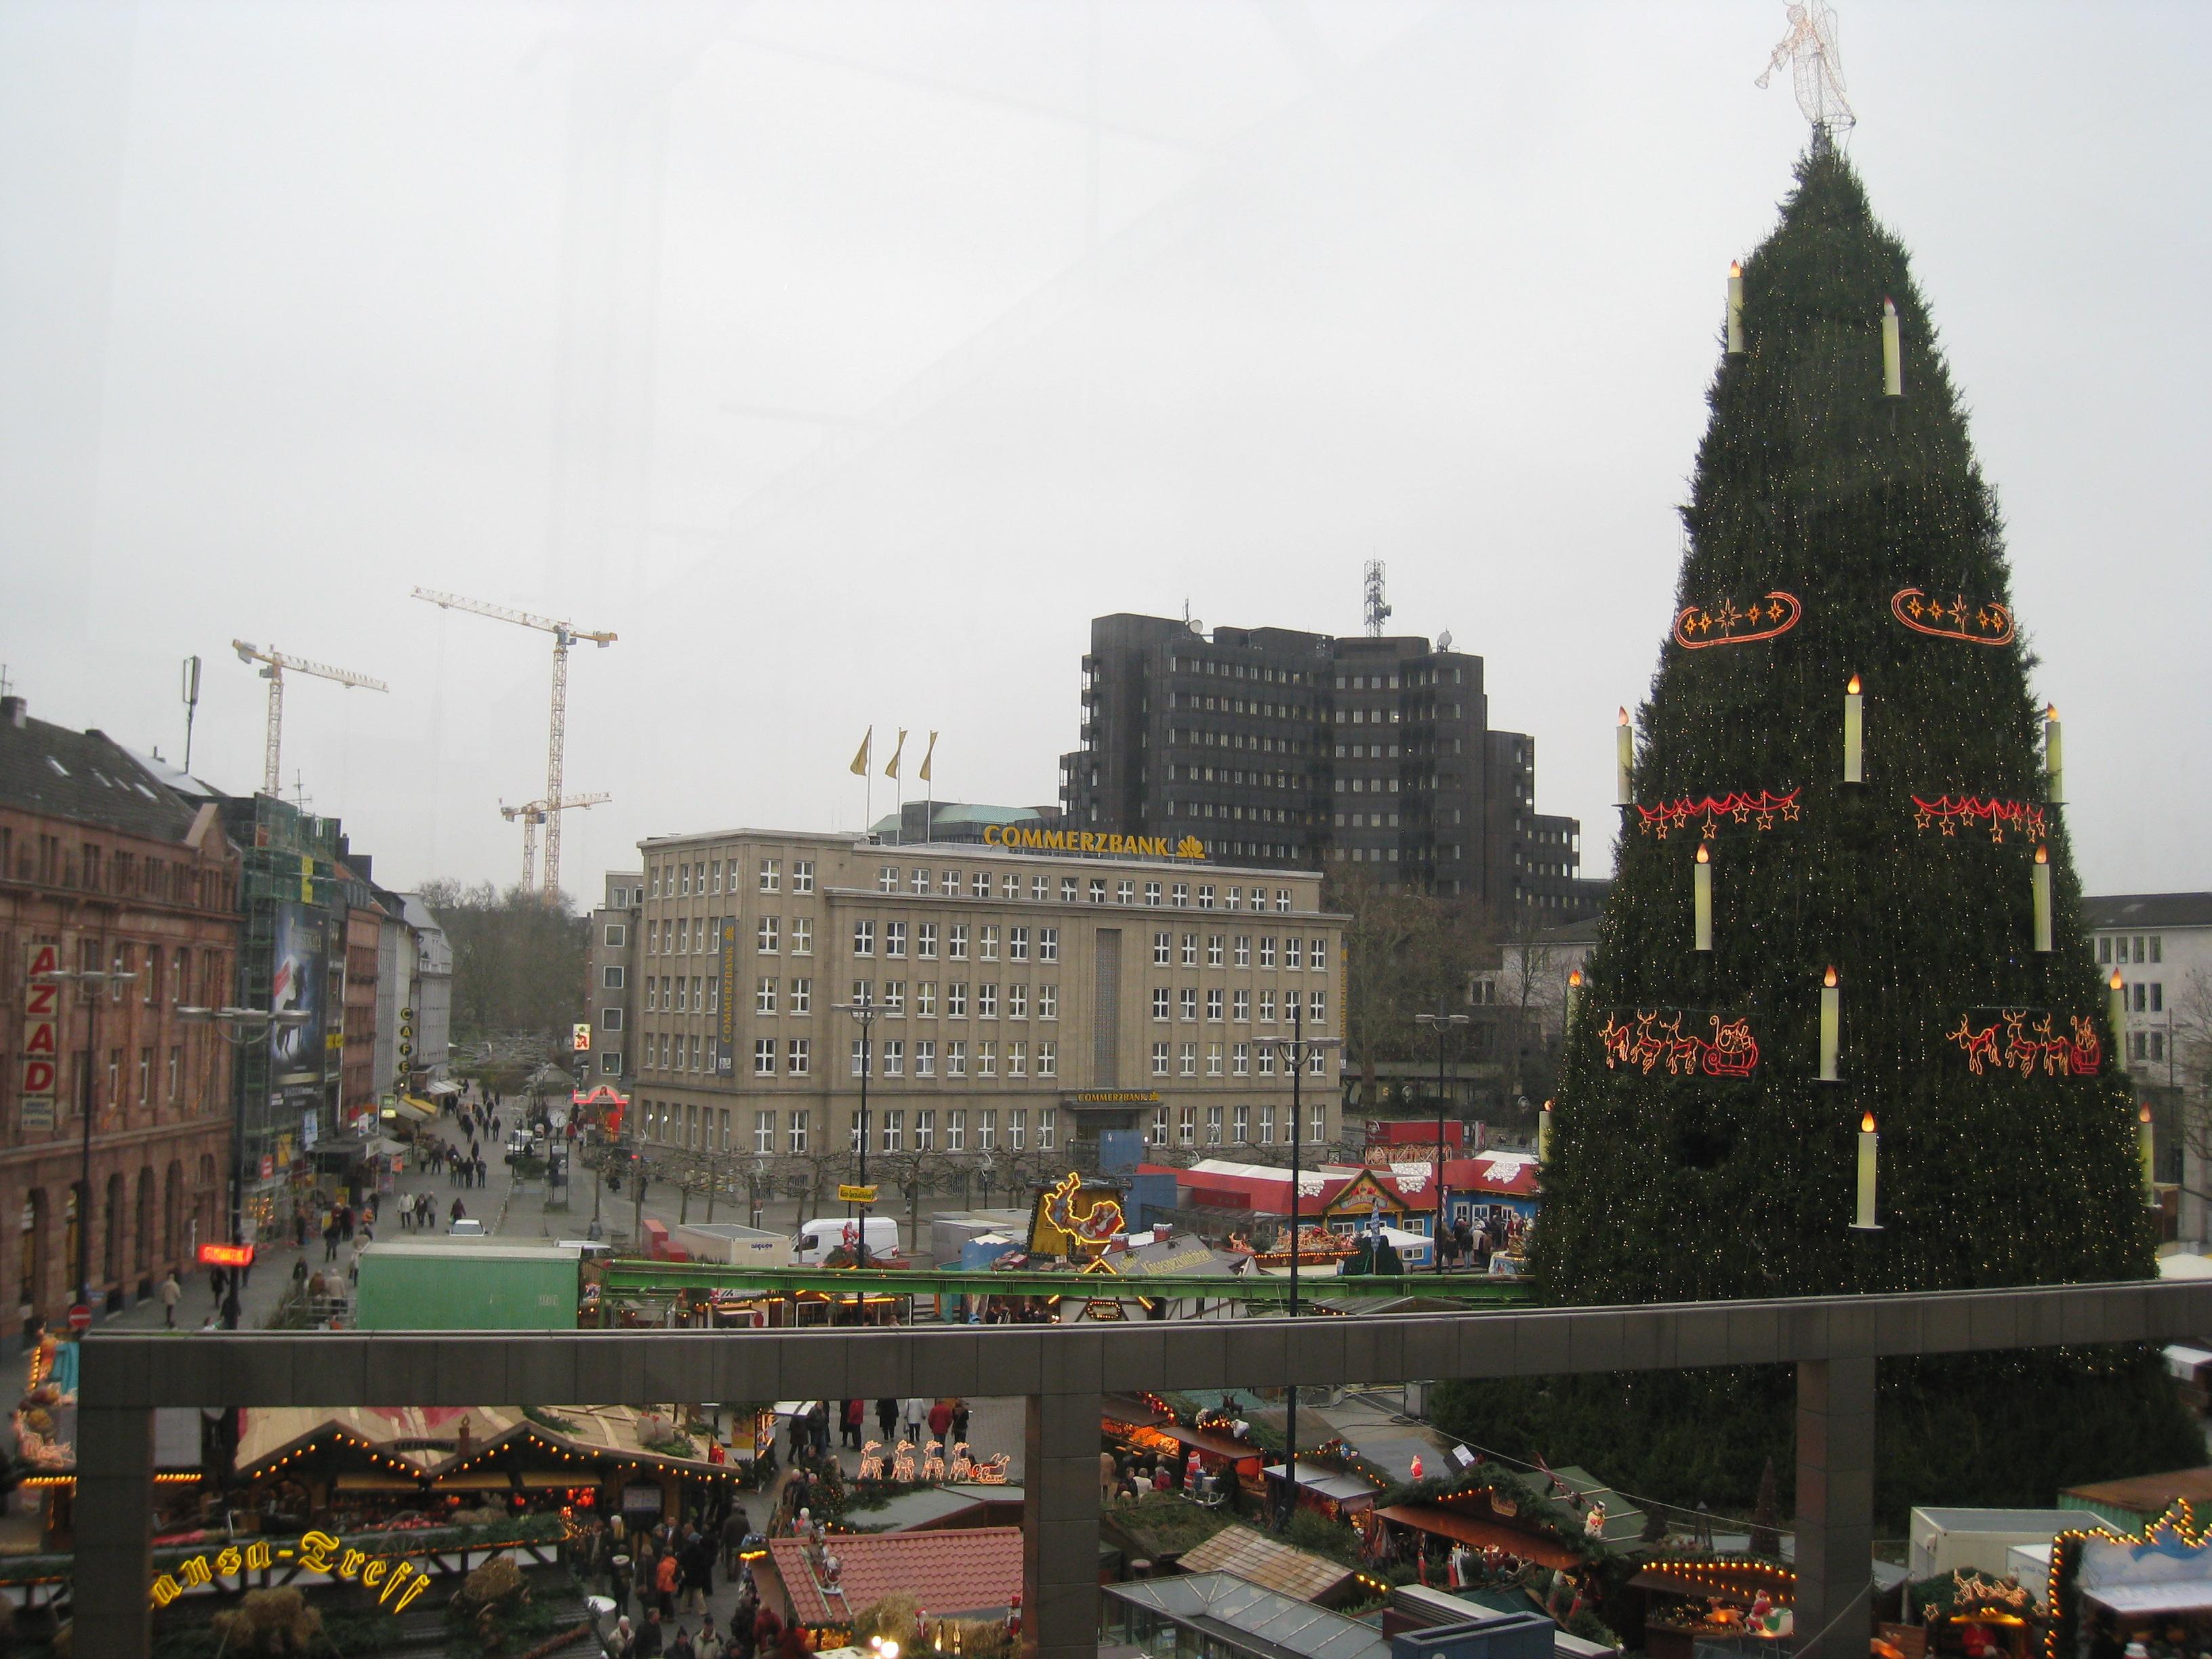 Dortmund Weihnachtsbaum.Datei Weihnachtsbaum Dortmund 02 Jpg Wikipedia